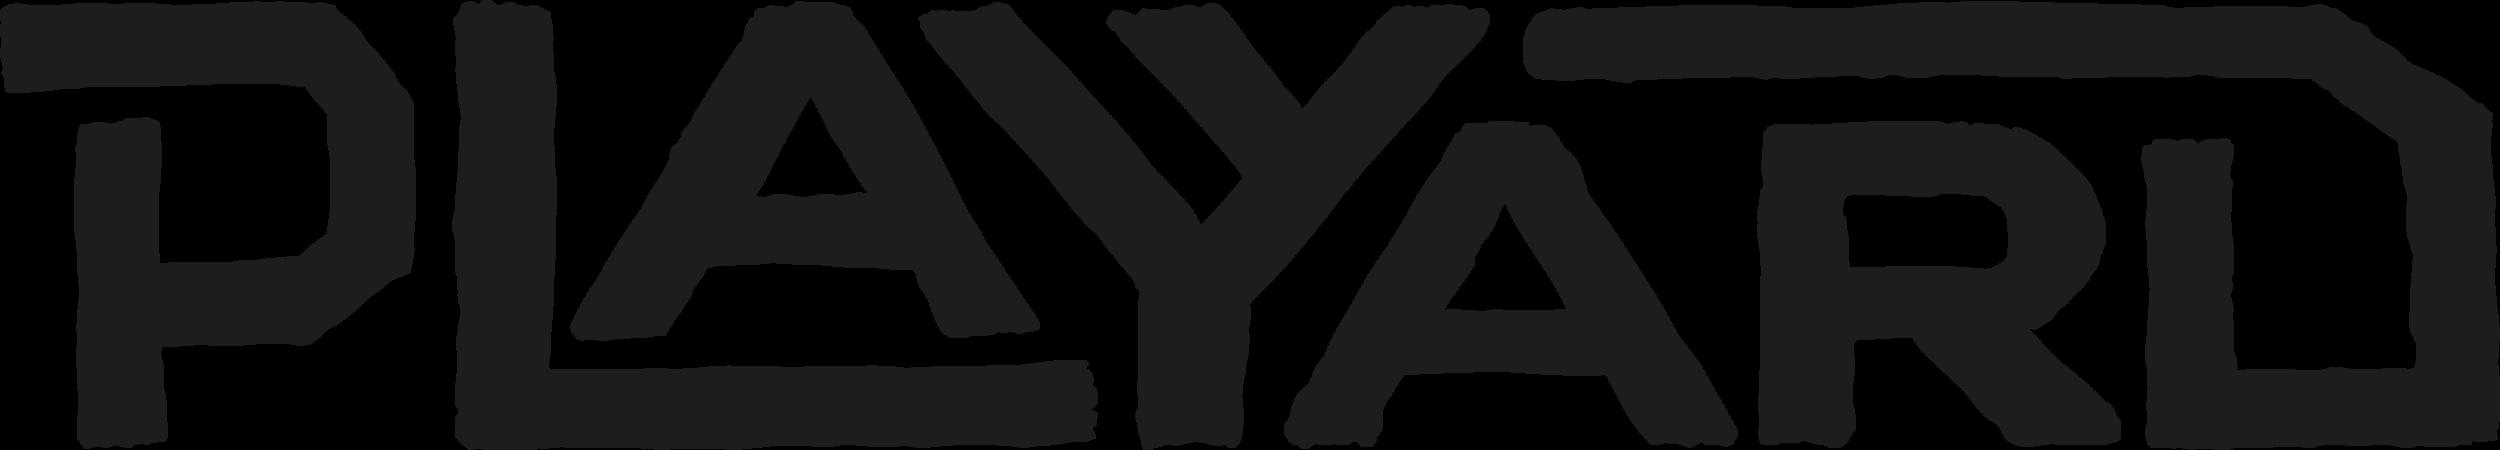 Playyard Logo